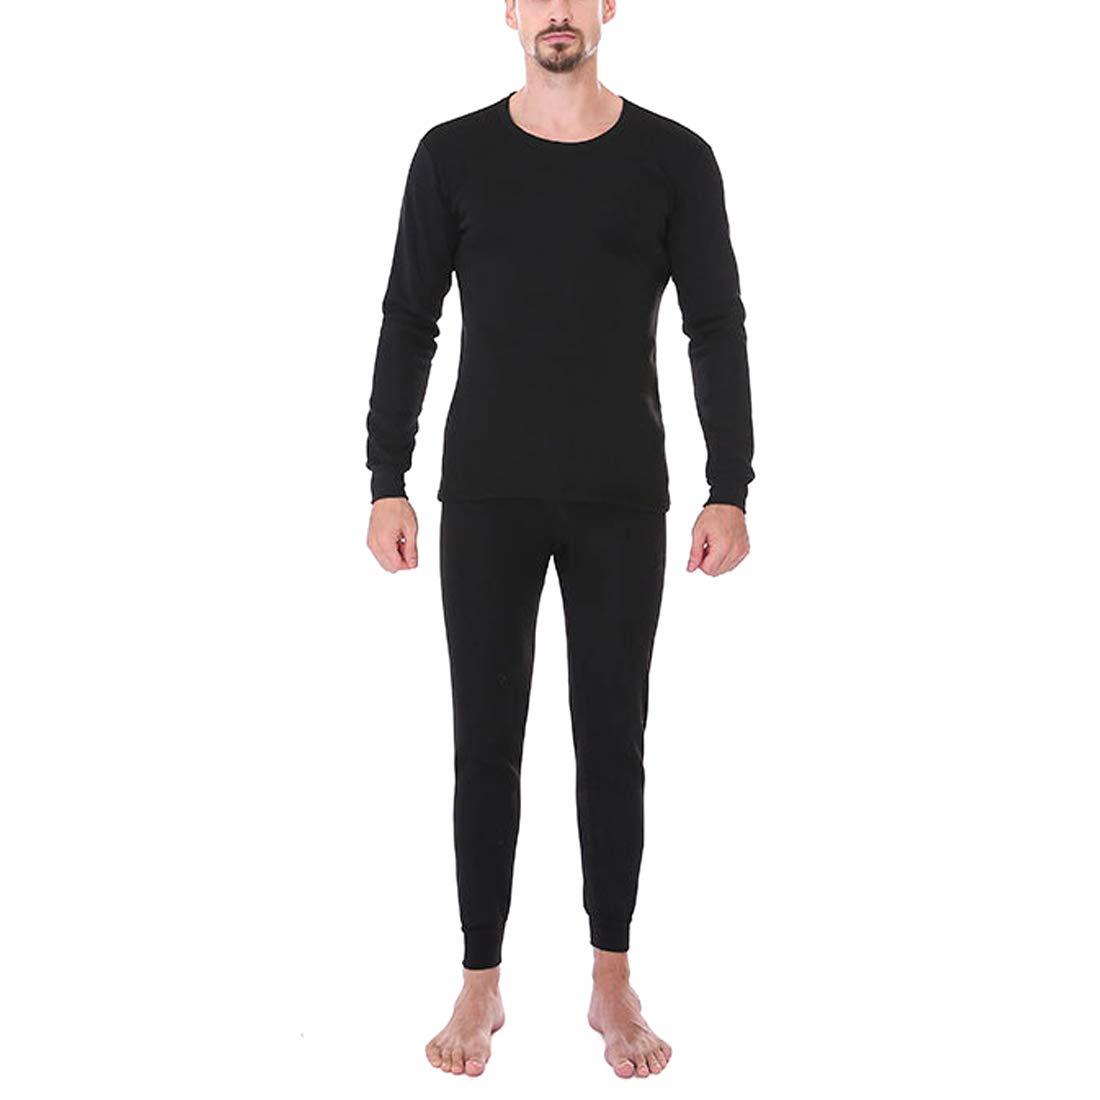 Aiweijia Uomo Termico Biancheria Intima Impostato Tenere Caldo Addensare Allenarsi Completo da Uomo Manica Lunga Top e I Pantaloni